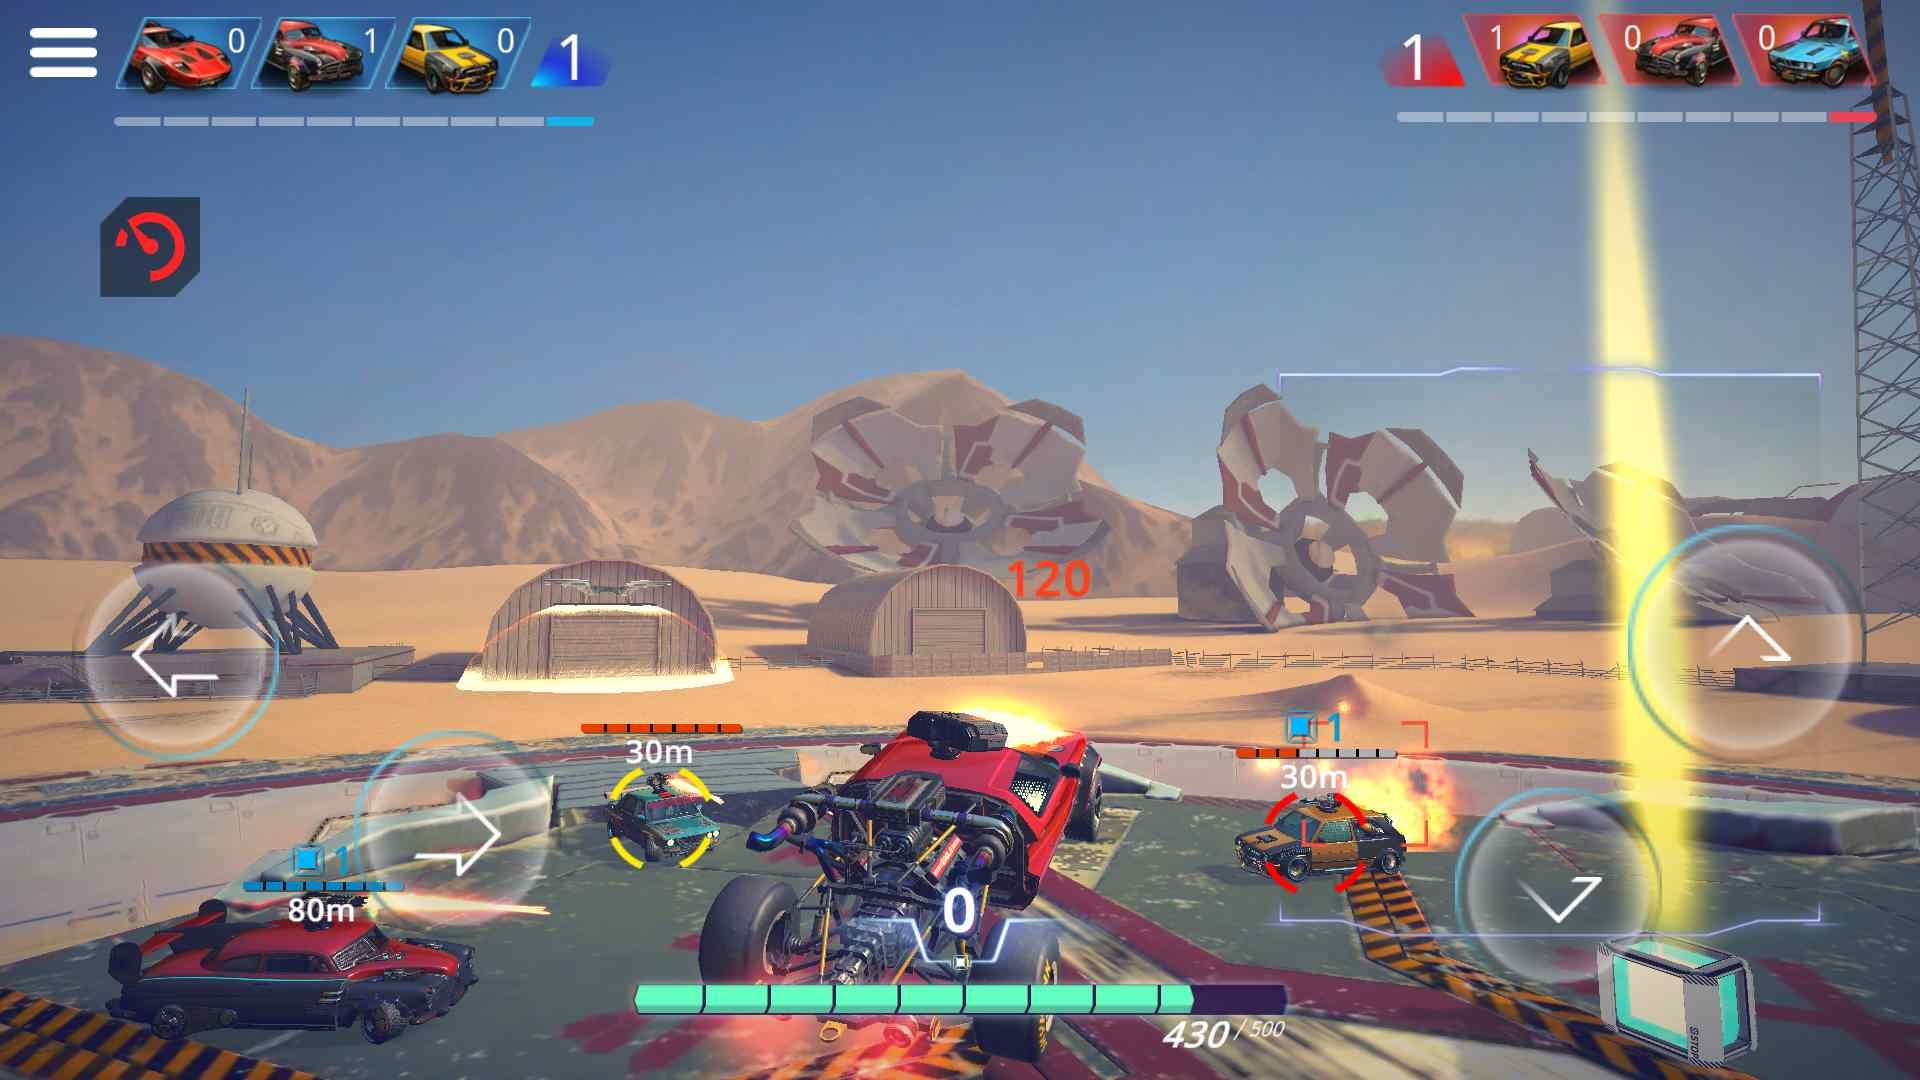 دانلود Metal Madness: PvP Shooter 0.40.2 – بازی آنلاین ماشین جنگی اندروید